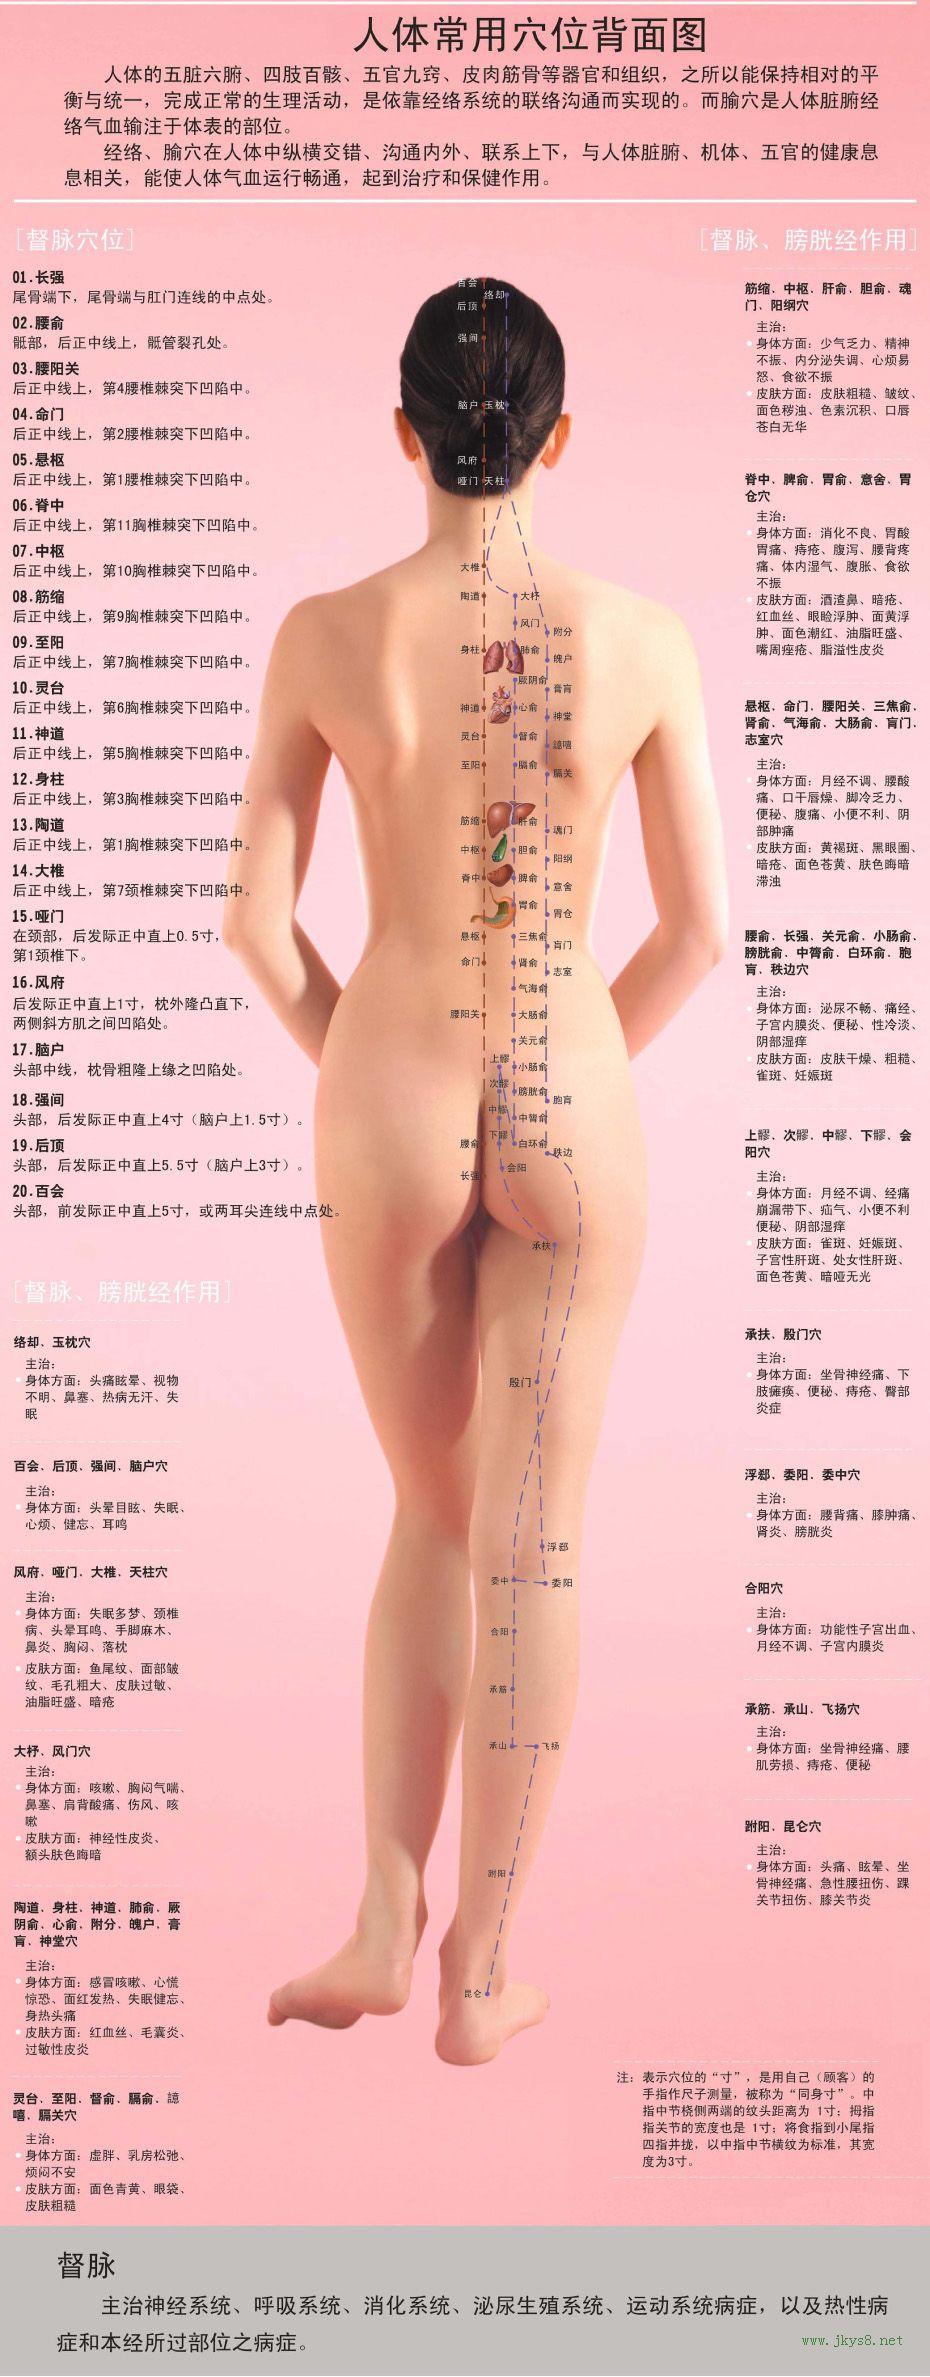 女性人体穴位图解大全【背面高清图下载】